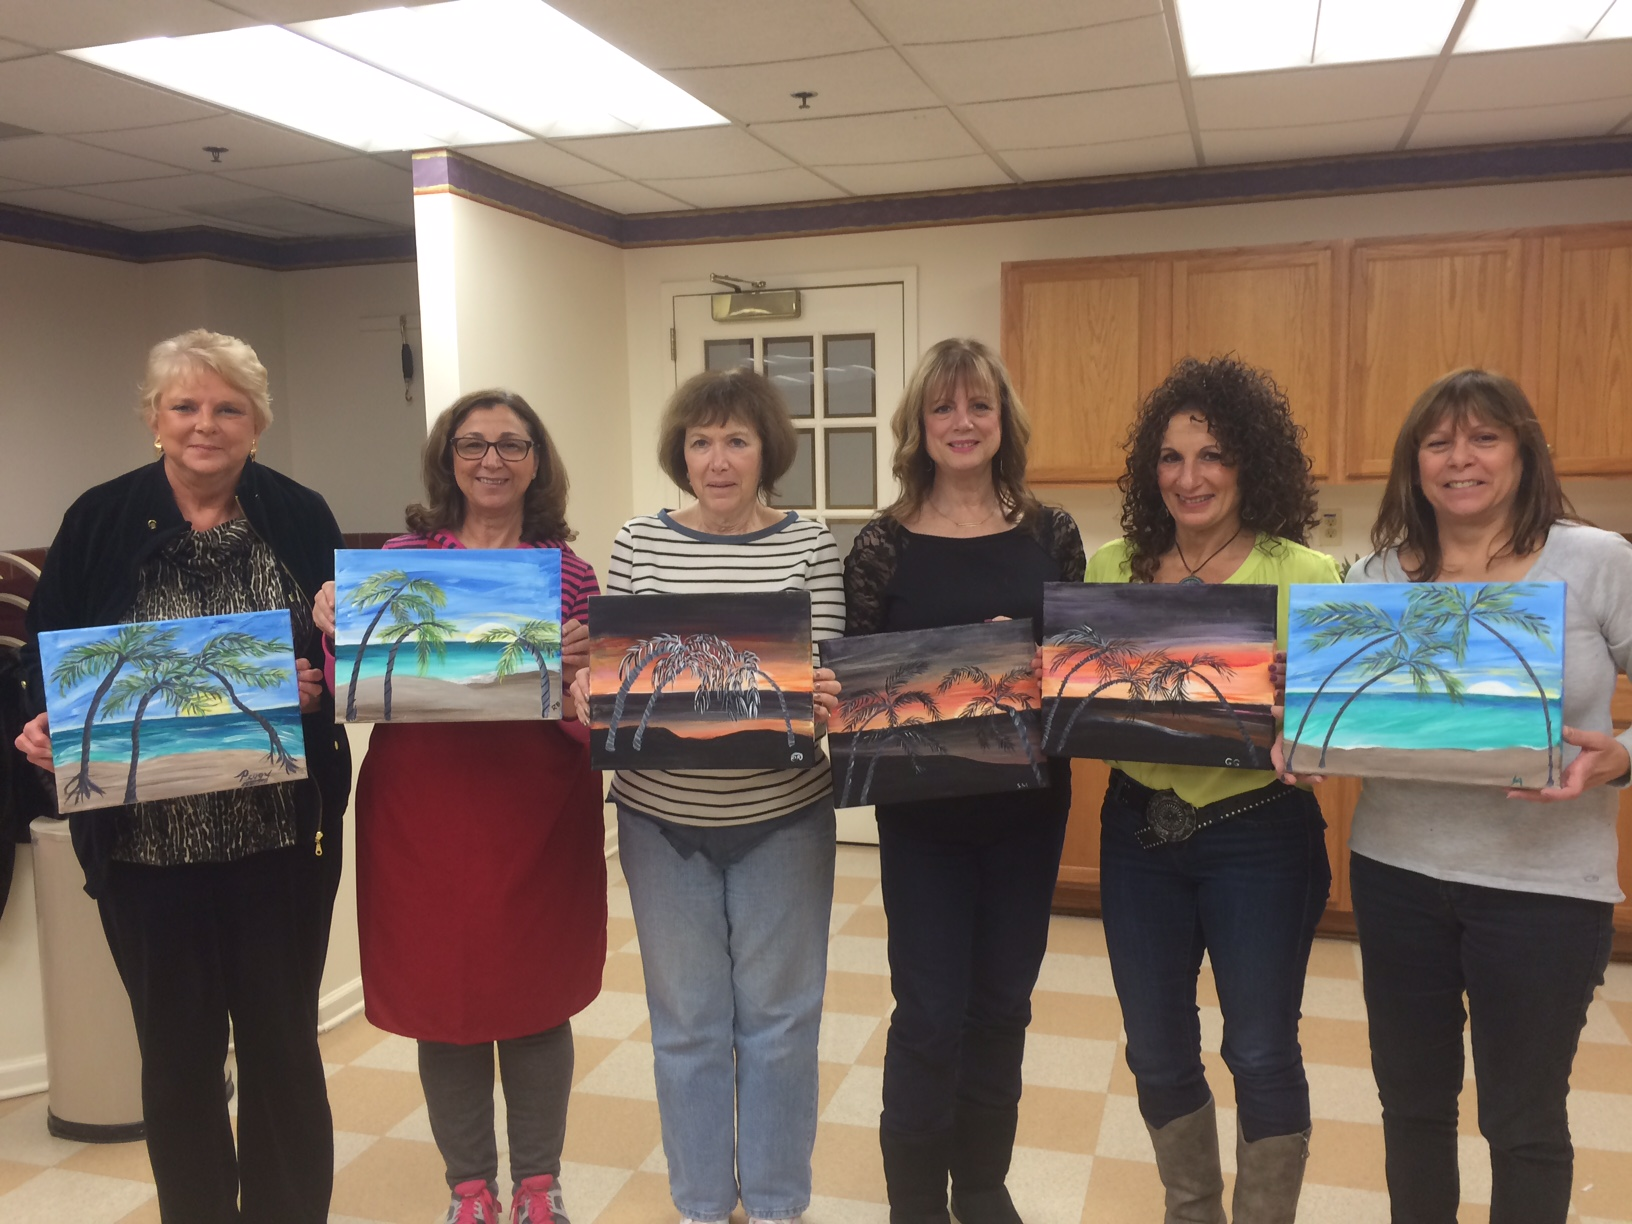 westlake painting party 2.JPG